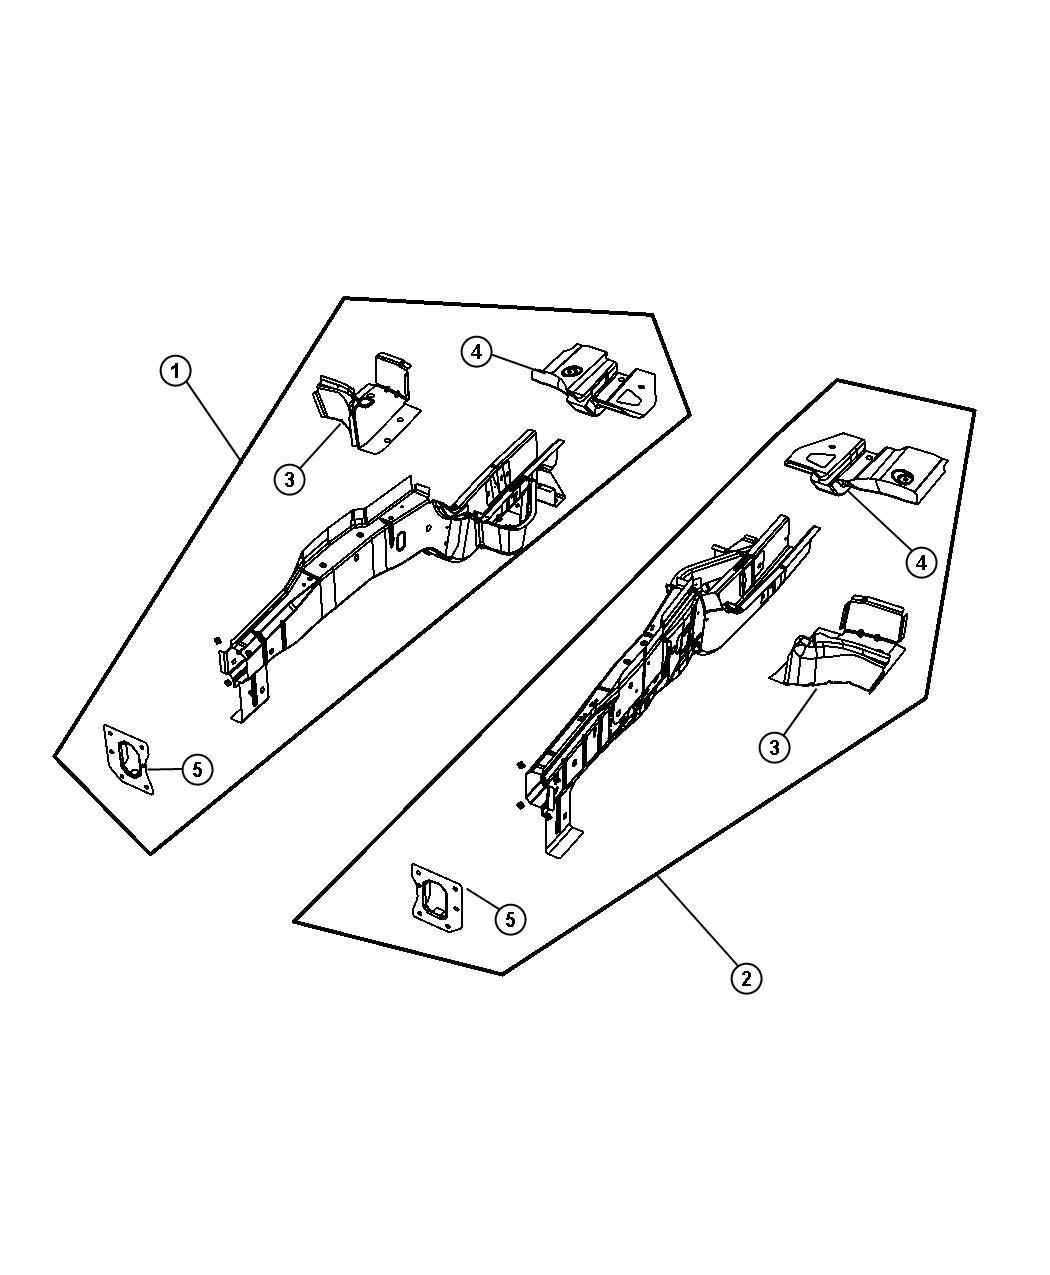 [DIAGRAM] Wiring Diagram 2014 Dodge Grand Caravan FULL